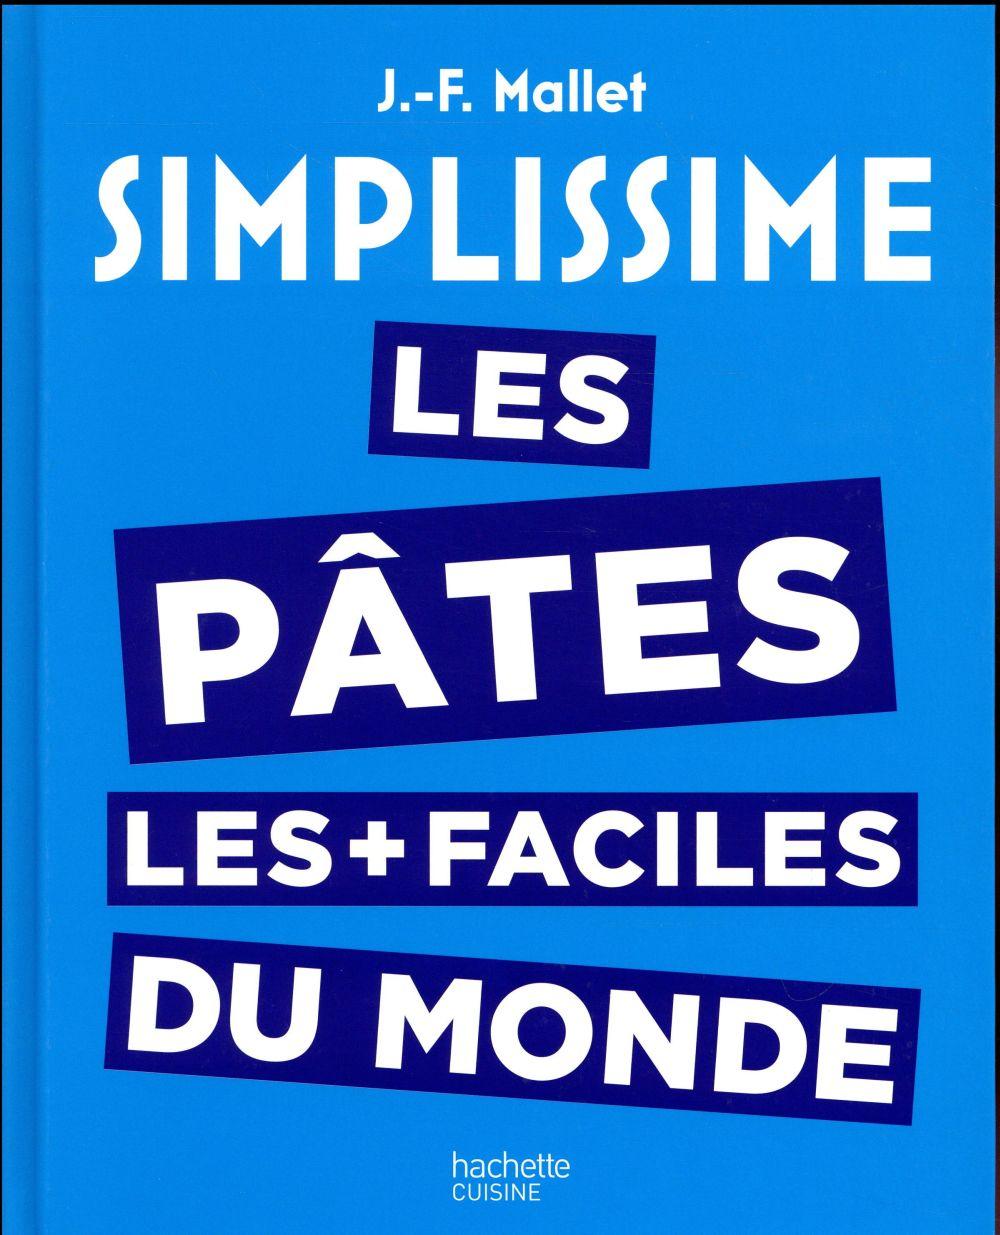 Simplissime ; Les Pâtes Les Plus Faciles Du Monde